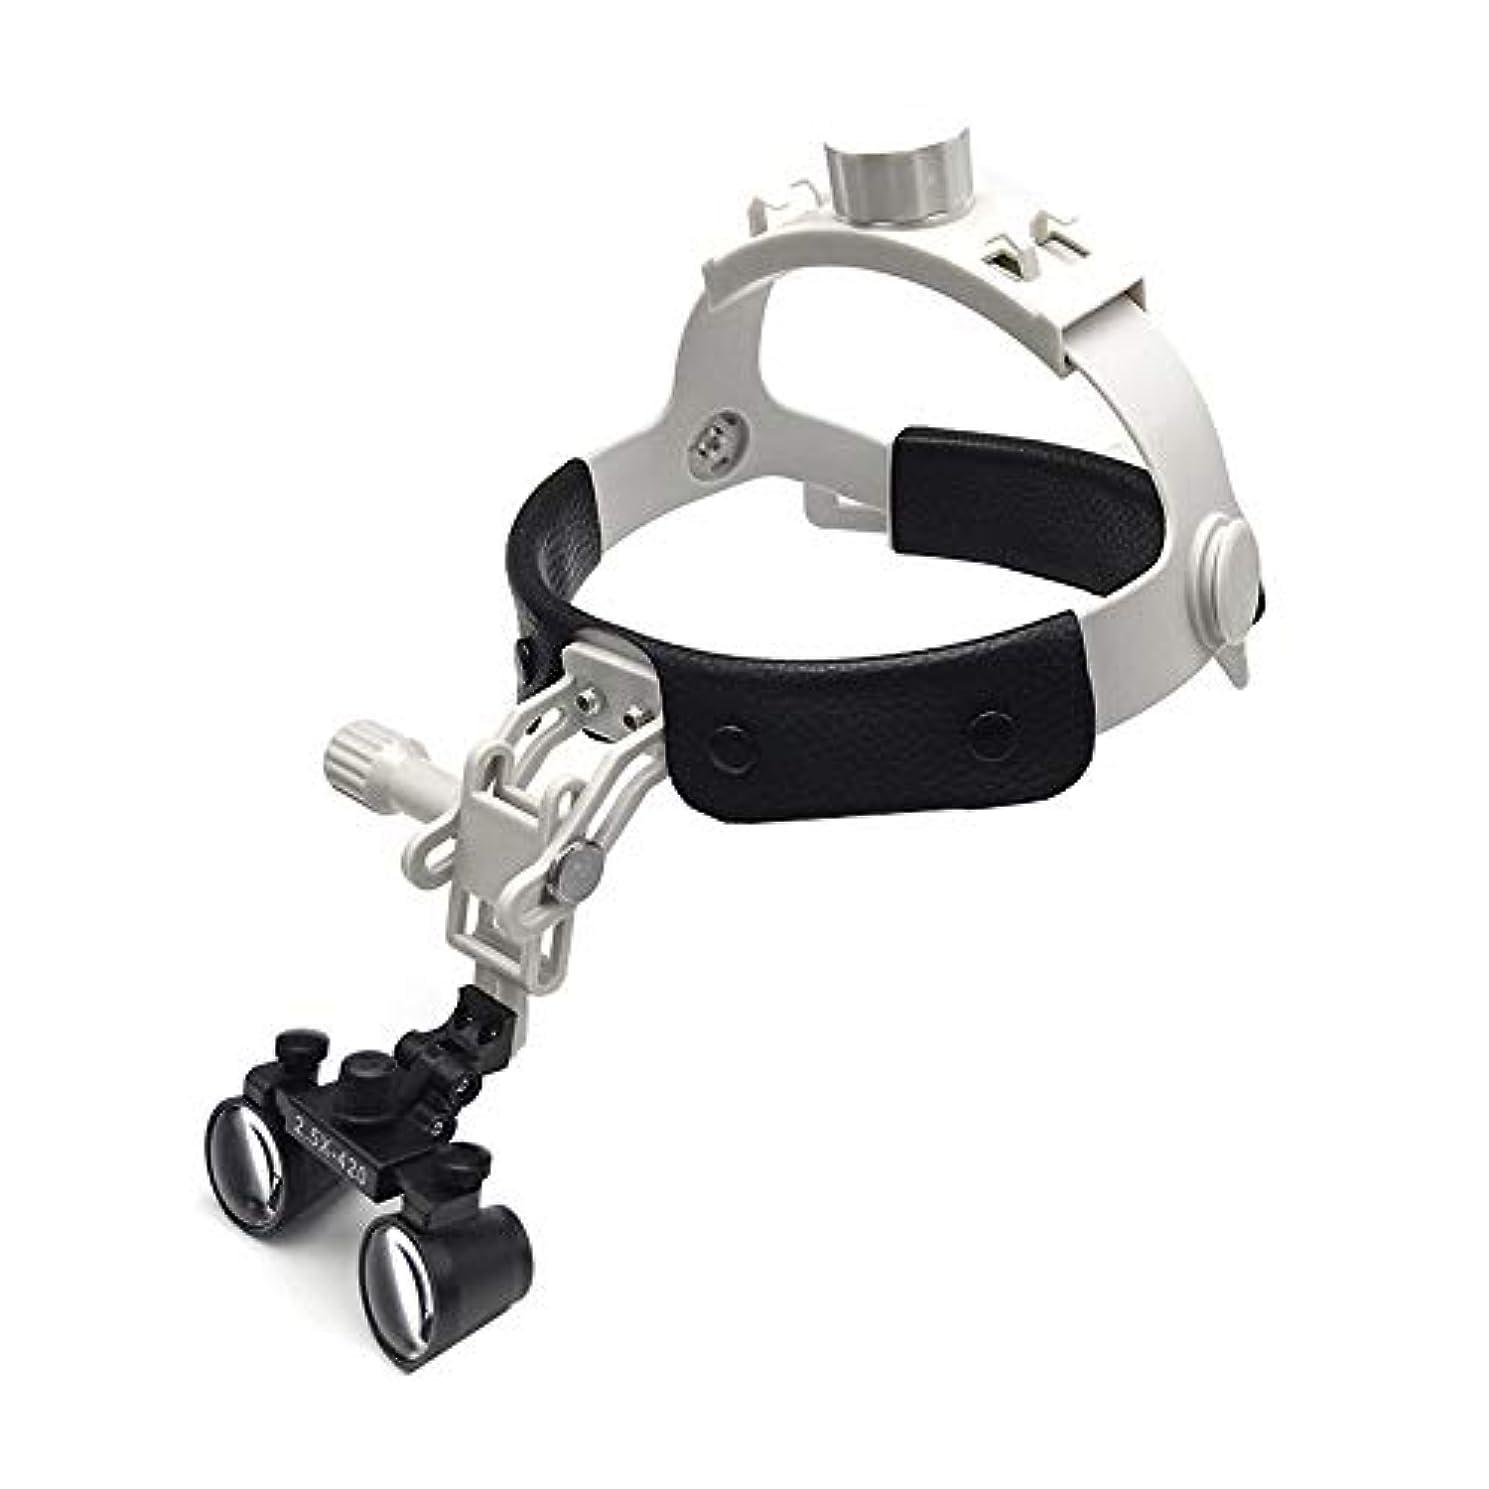 映画鋸歯状大きいレザーケアと拡大鏡を身に着けて軽量小型レンズ2.5倍